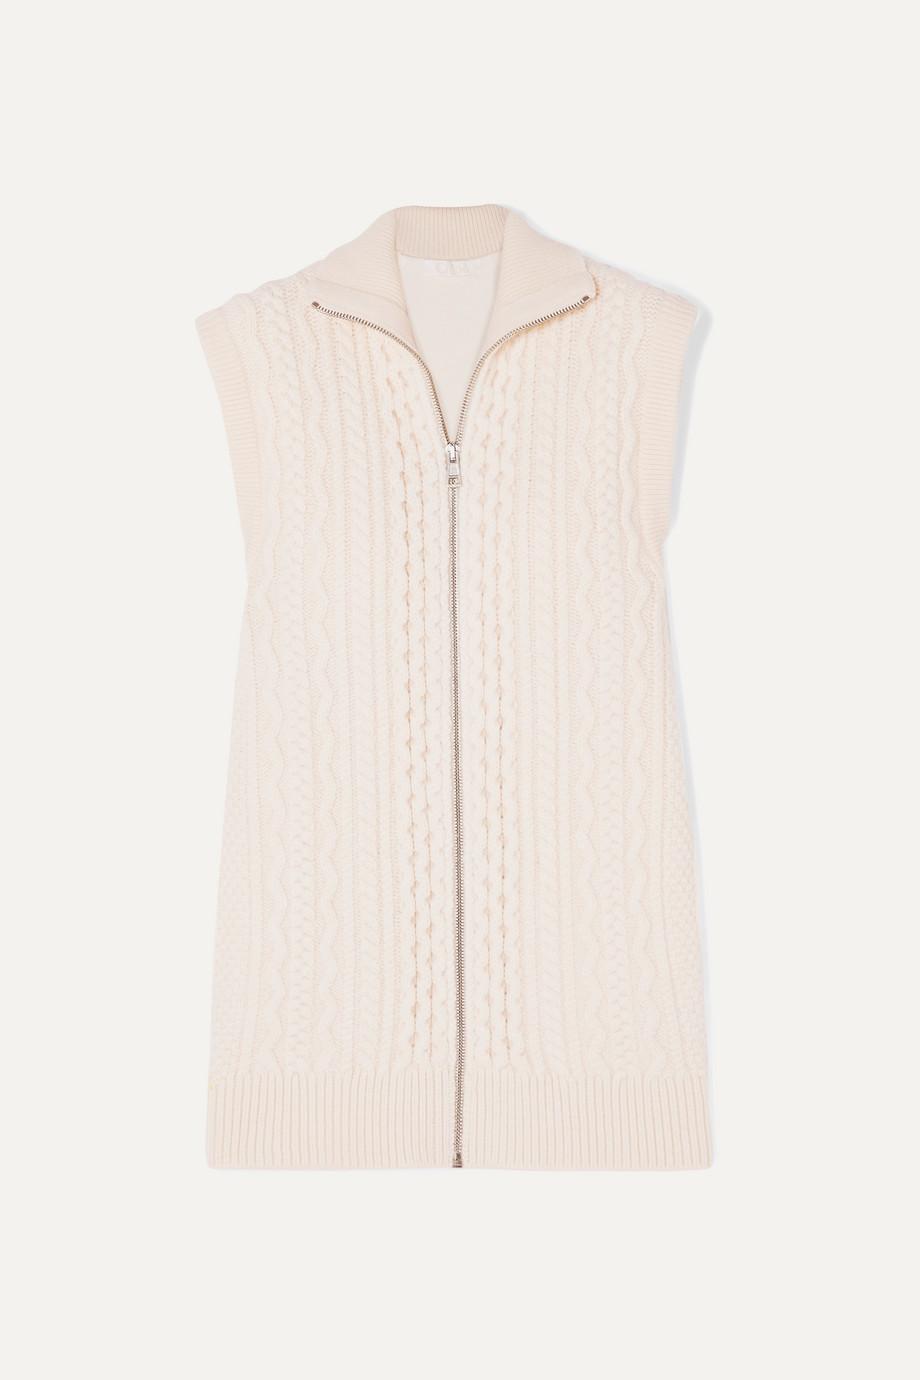 Chloé Cable-knit wool-blend vest